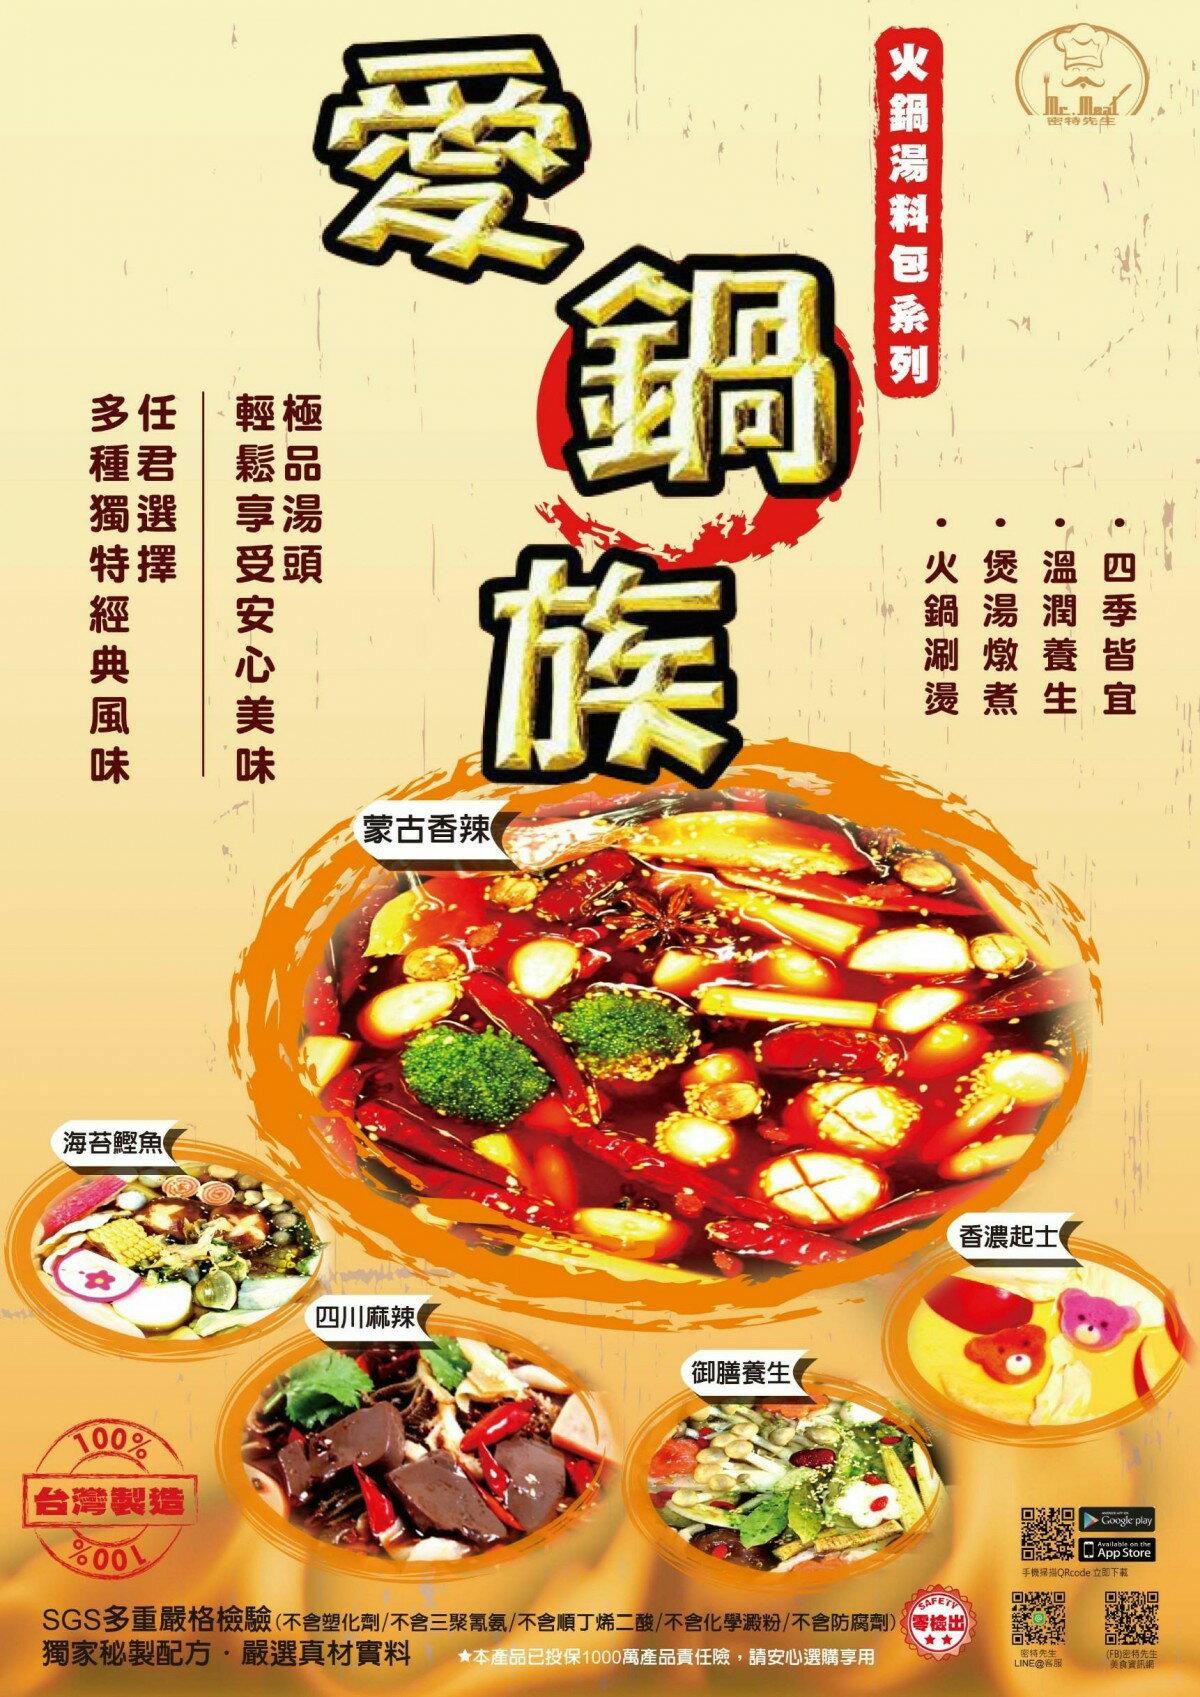 【愛鍋族】-【香濃起士】精緻火鍋湯頭-【利津食品行】火鍋湯底